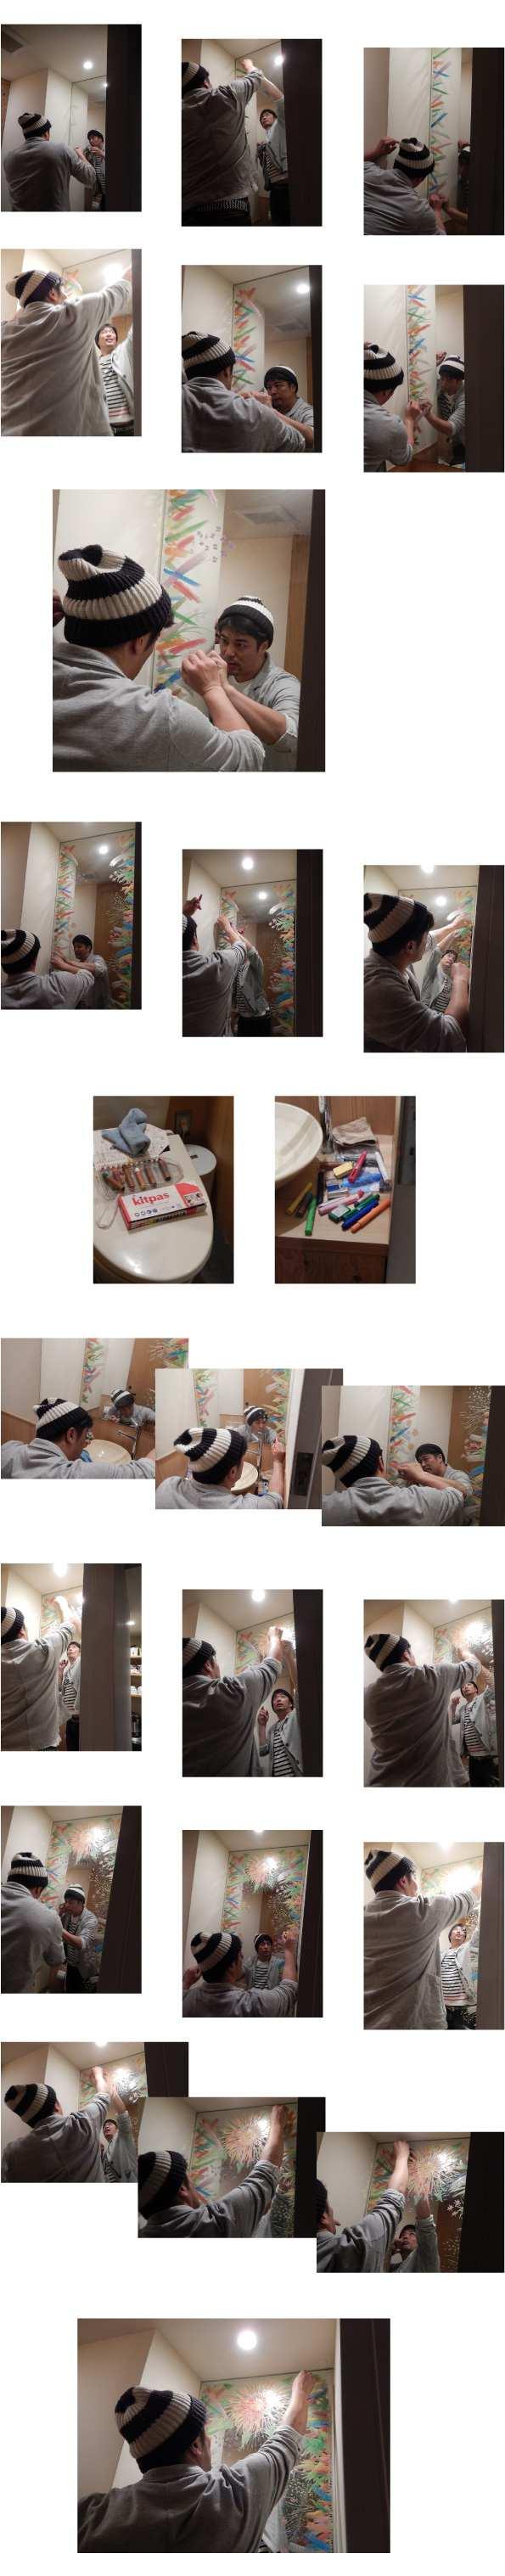 めぐたまキットパスミラーギャラリーVol.15 浅葉 弾さんの「ギュンギュン」(2017年3月6日〜)